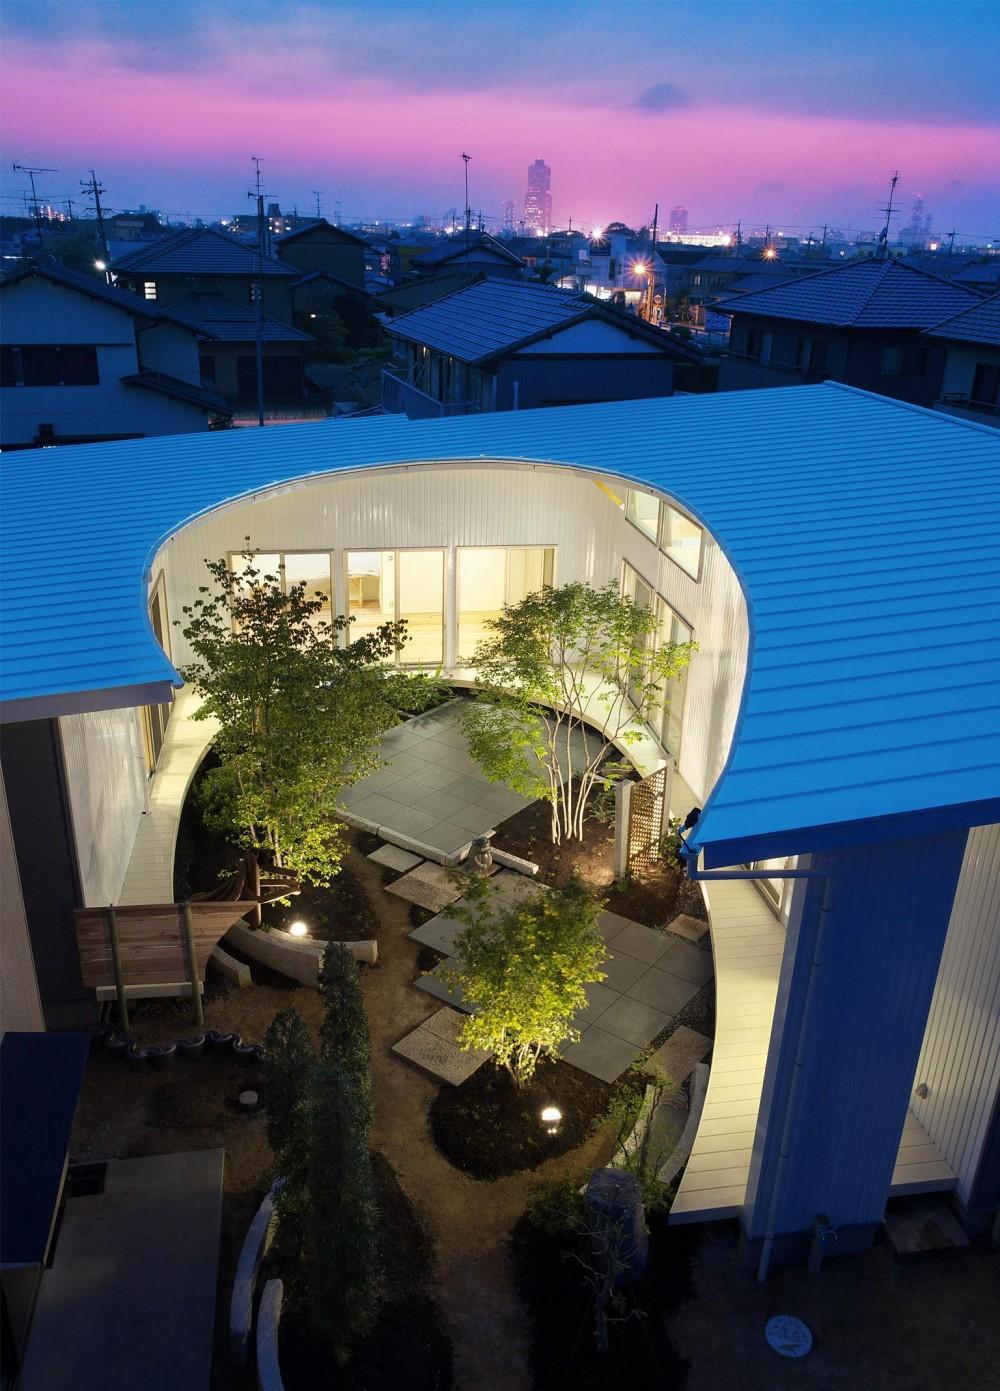 広野 有一「馬蹄屋根の家」